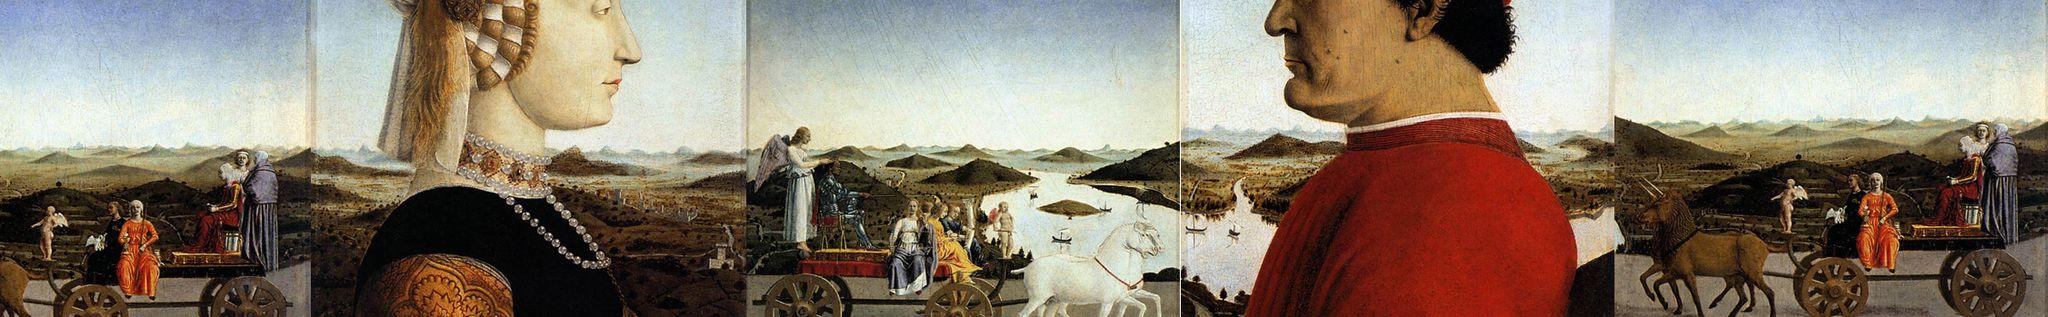 Piero, Double portrait of the Dukes of Urbino, landscape continuation